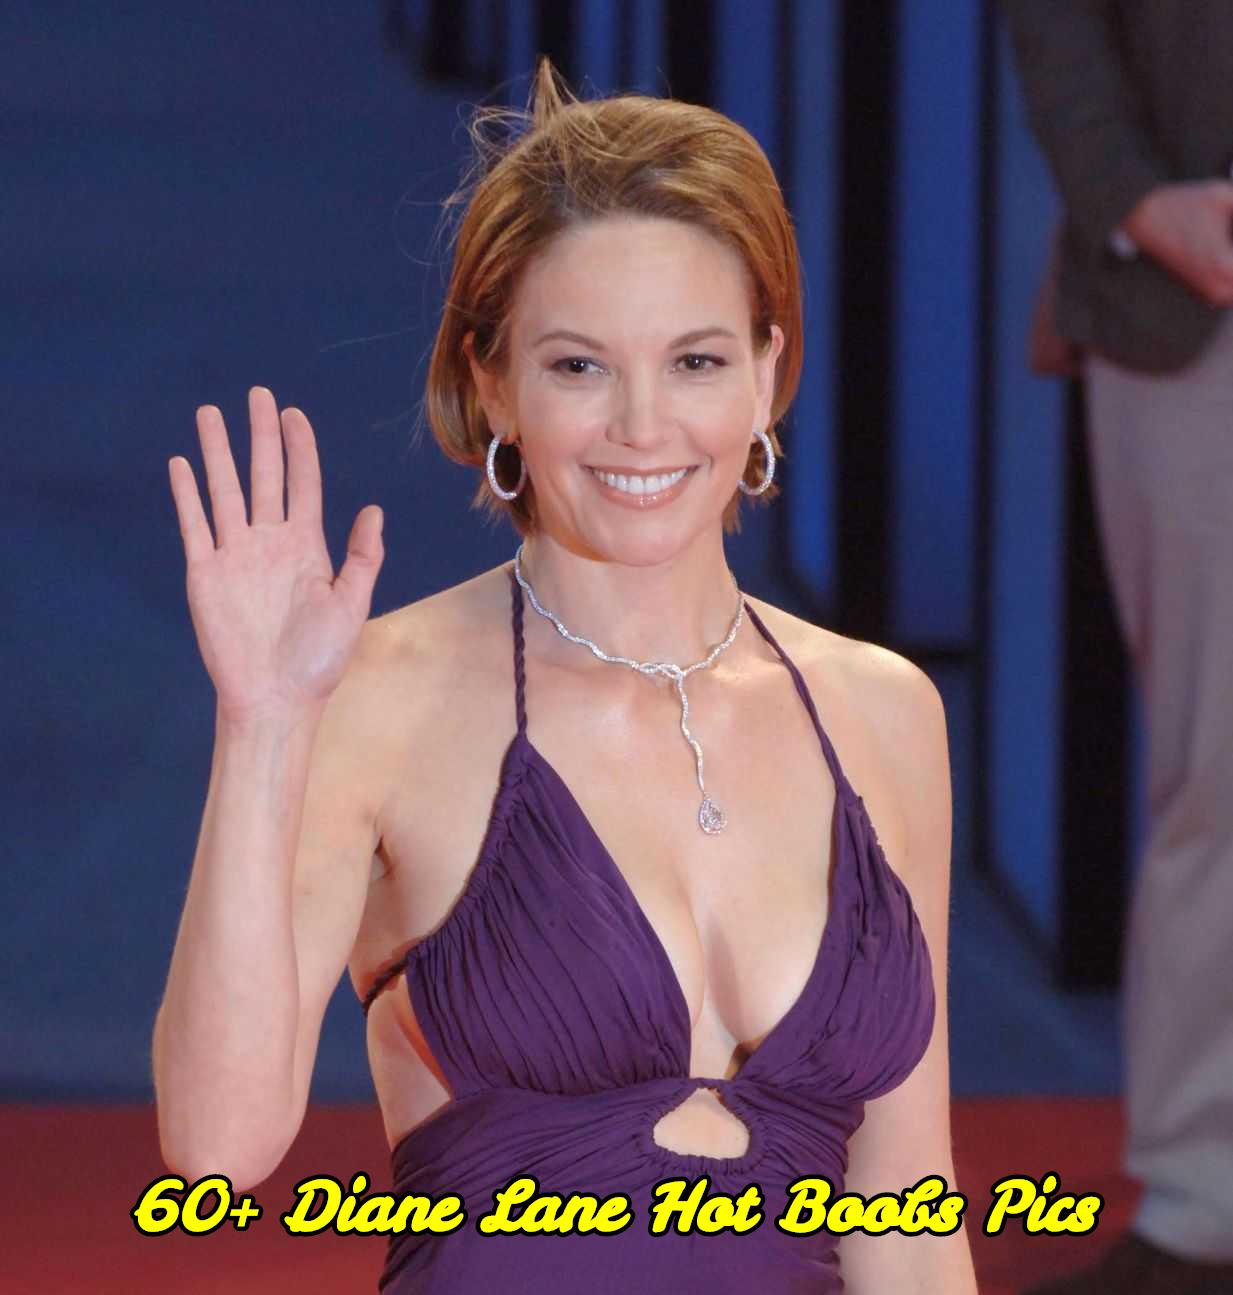 Diane Lane hot boobs pics